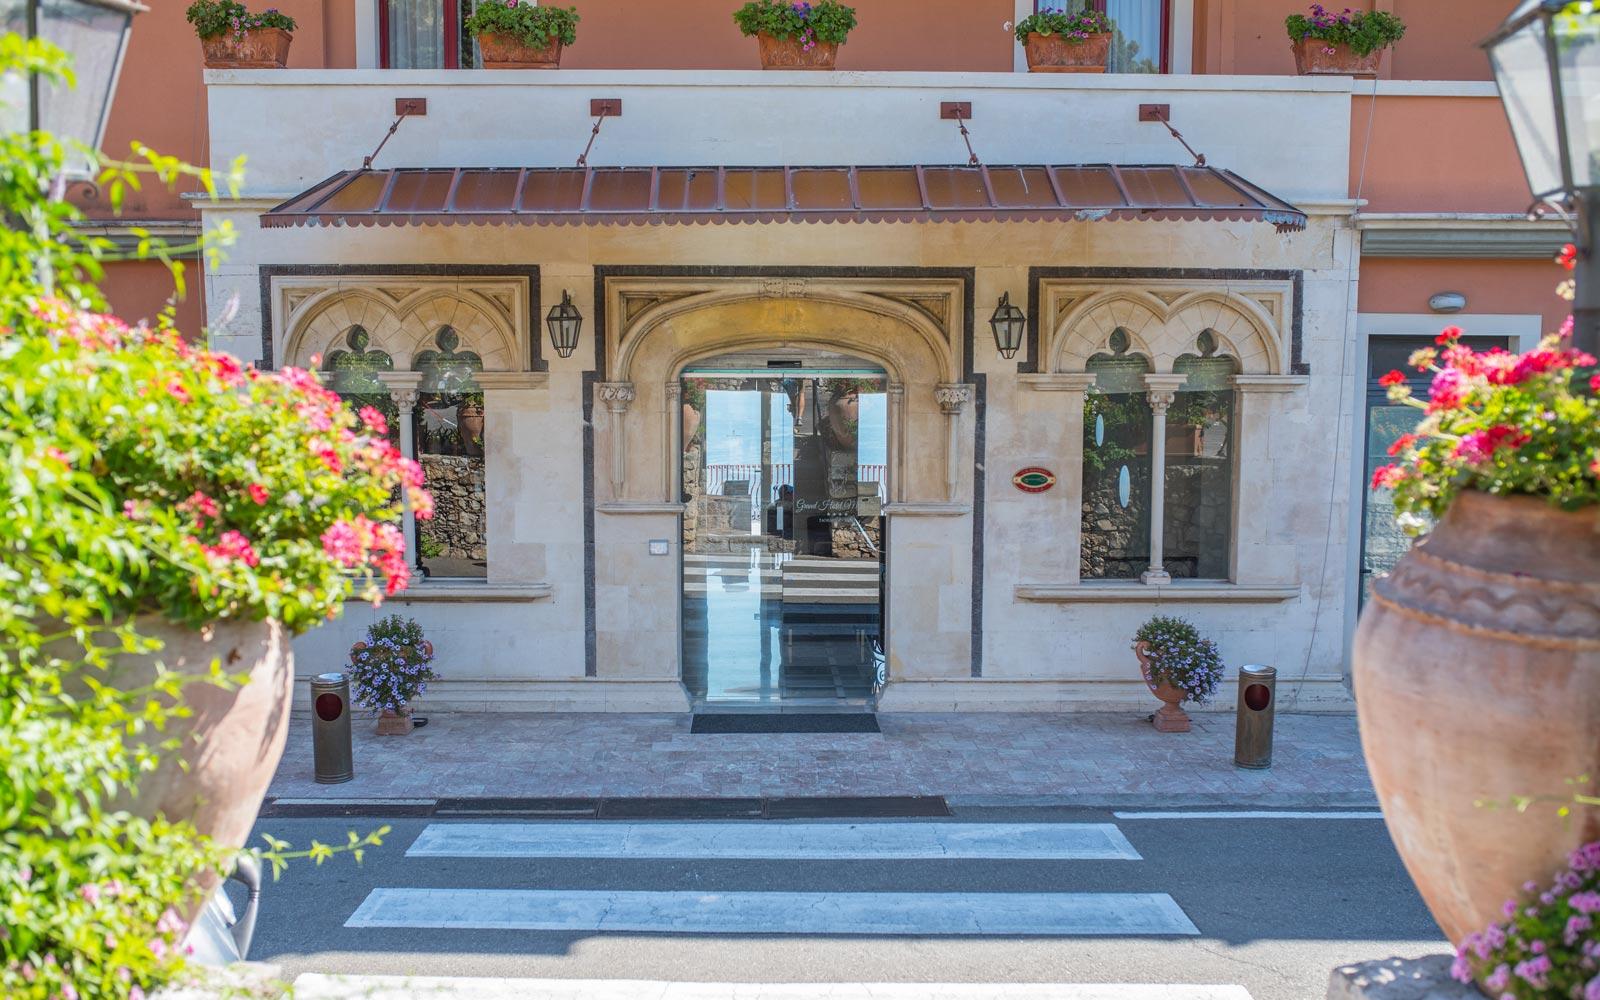 Grand Hotel Miramare Entrance